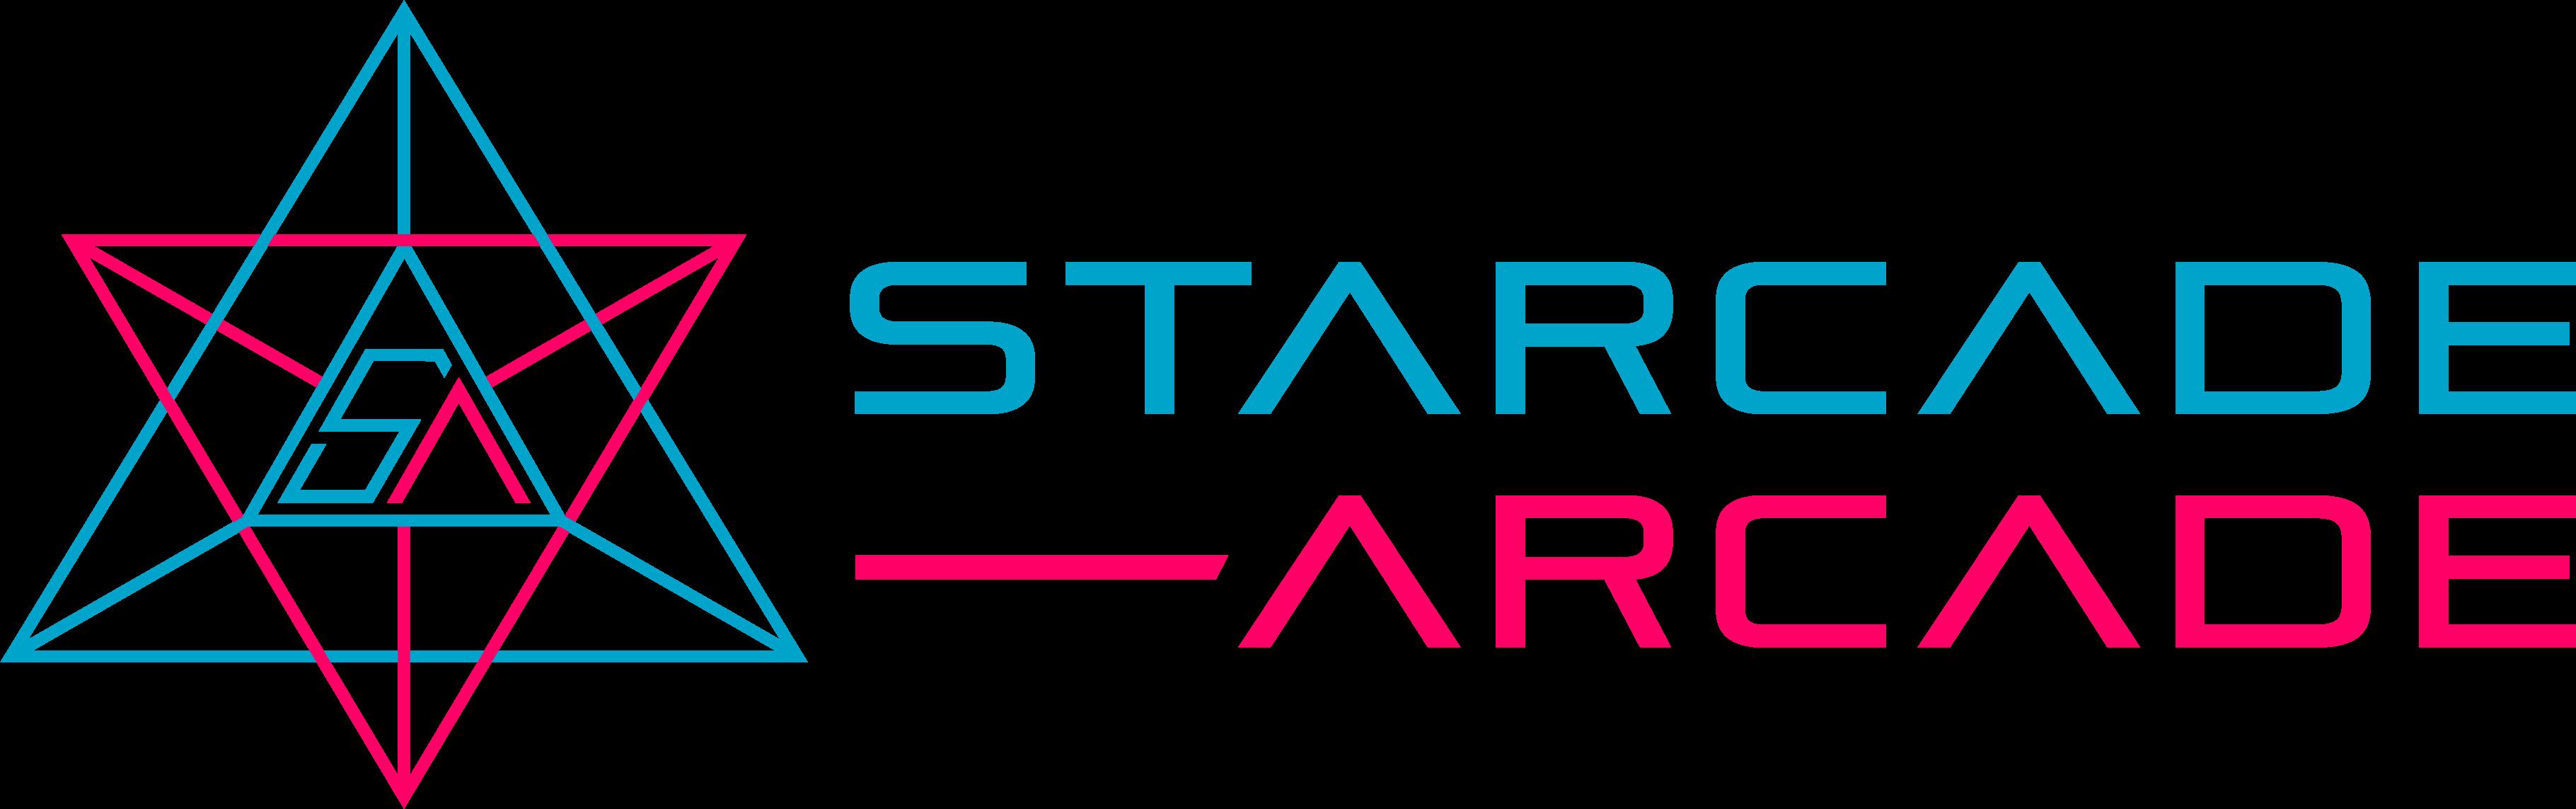 Starcade Arcade logo